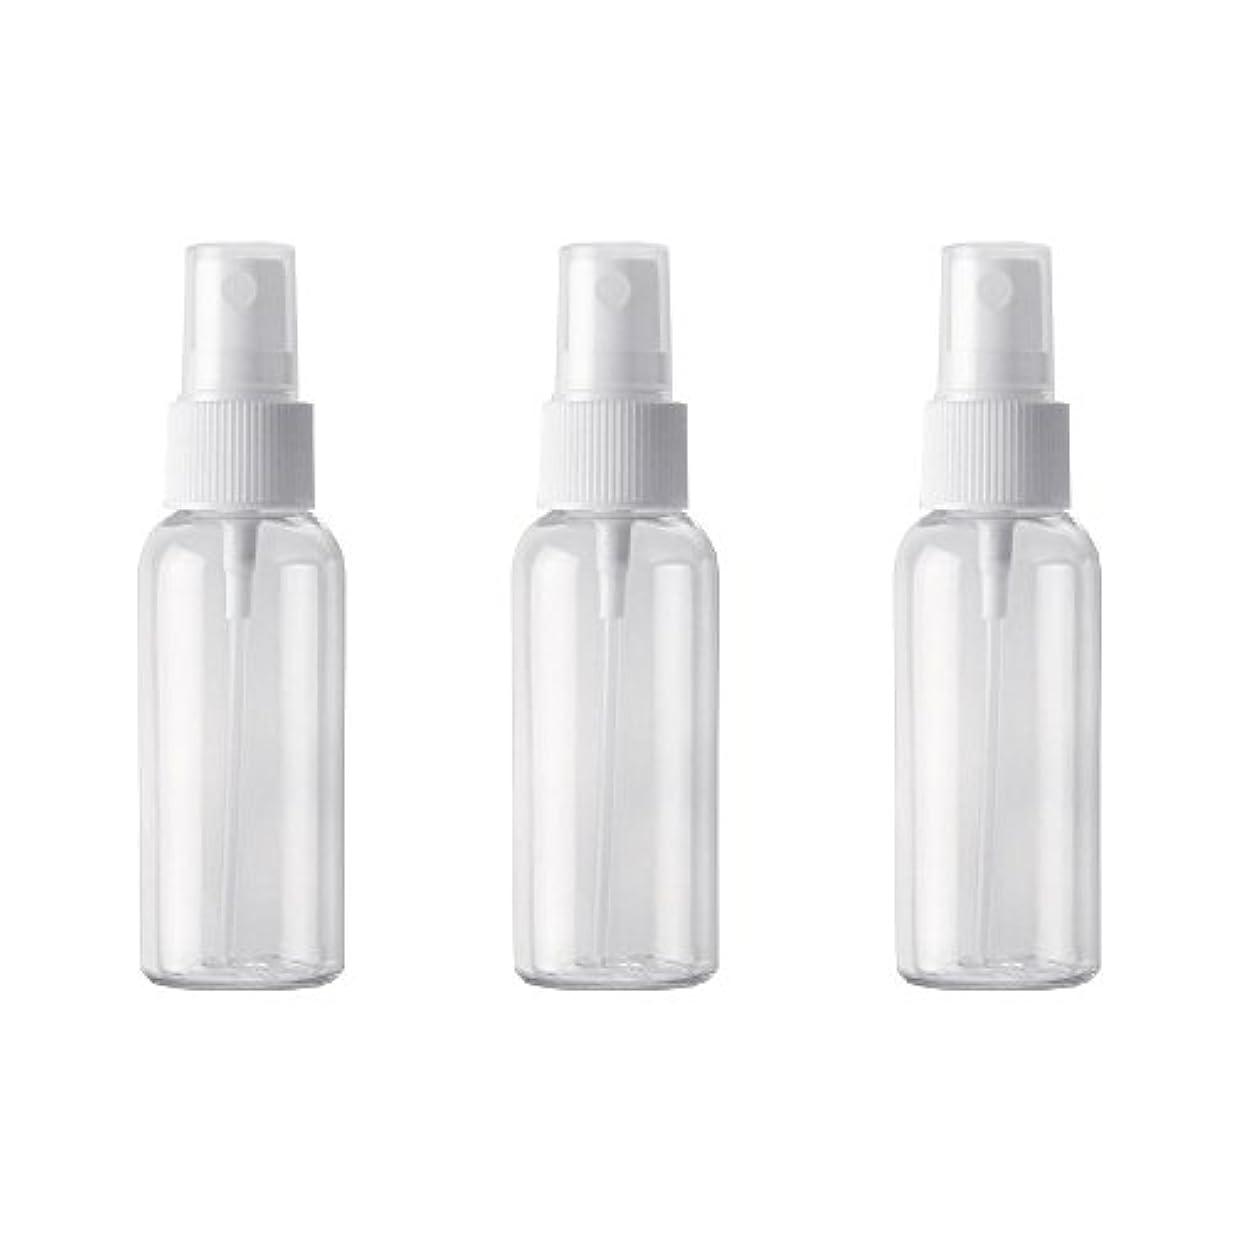 薄めるウィンク覗く小分けボトル スプレーボトル 50ml おしゃれ 空ボトル 3本セット 環境保護の材料 PET素材 化粧水 詰替用ボトル 旅行用品 (透明)